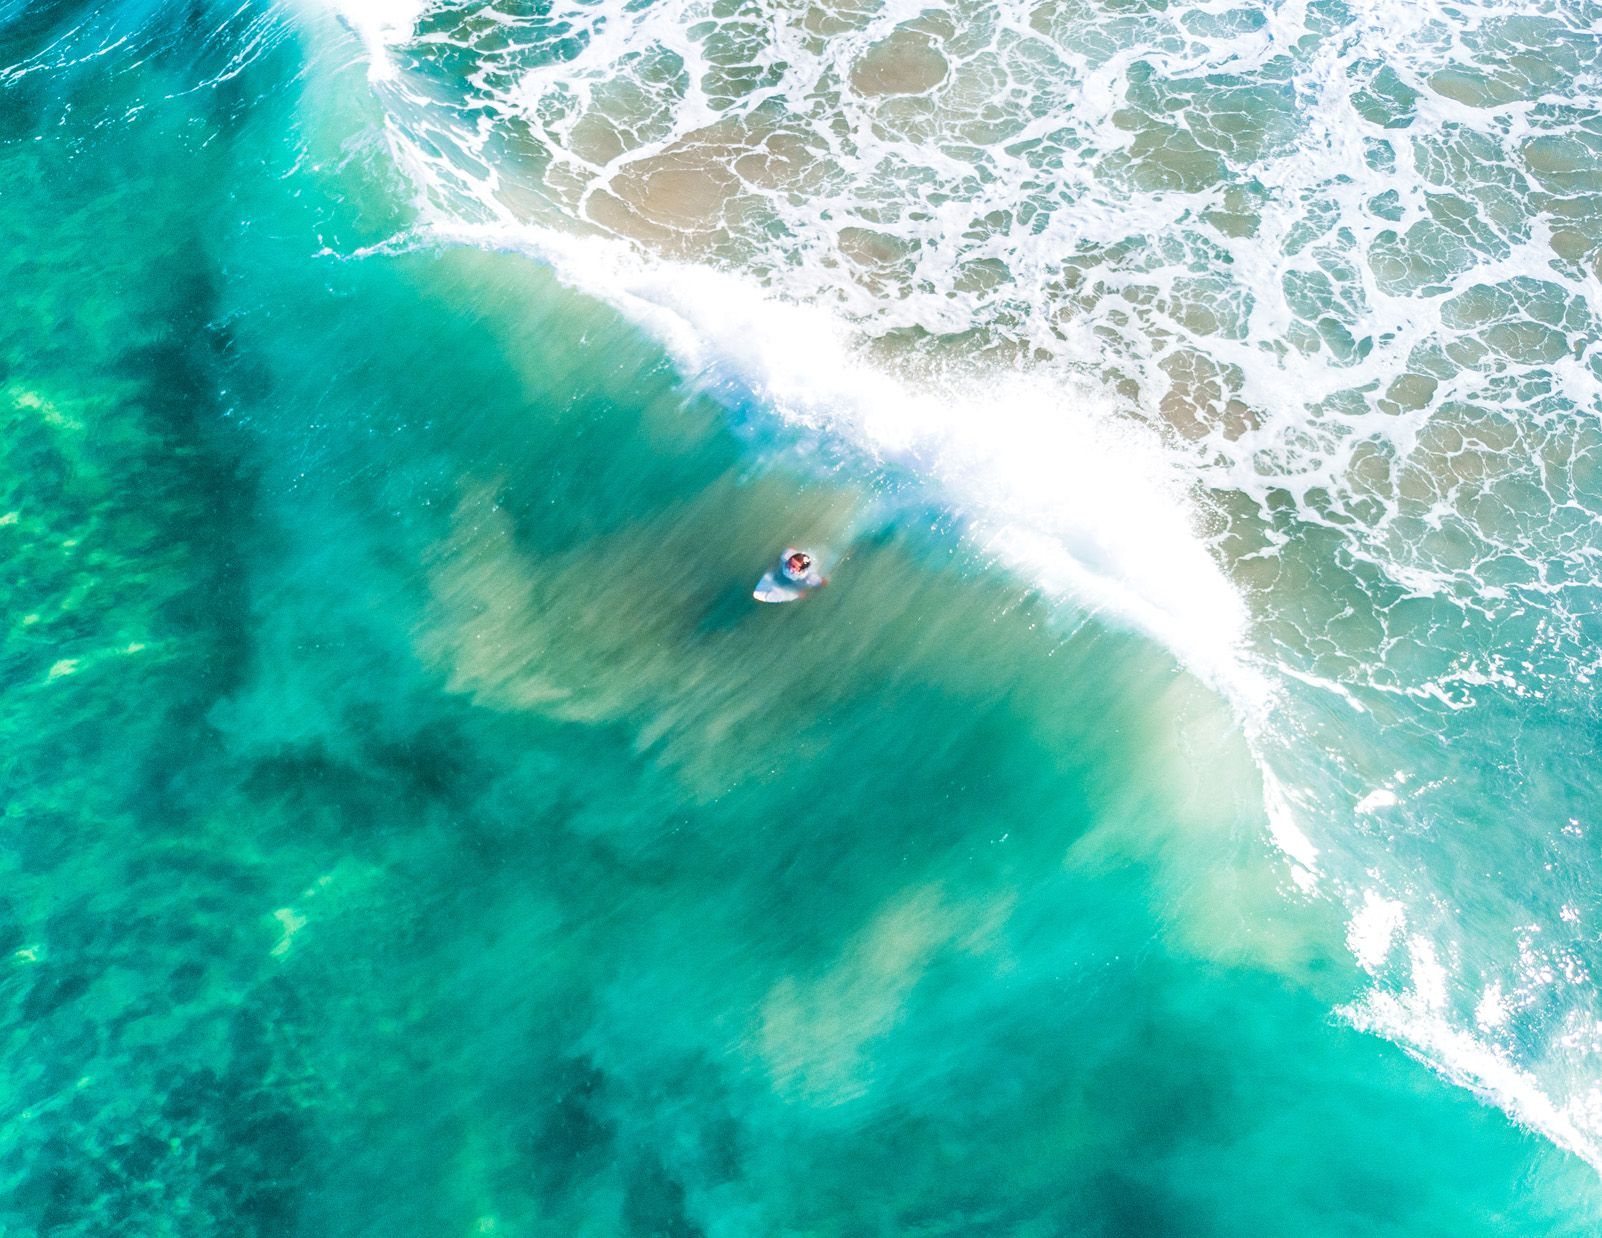 1r guanyador Gonzalo Pasquier   Cuac (explicació El moviment que està realitzant el surfista es diu ànec)   Gold coast, Australia